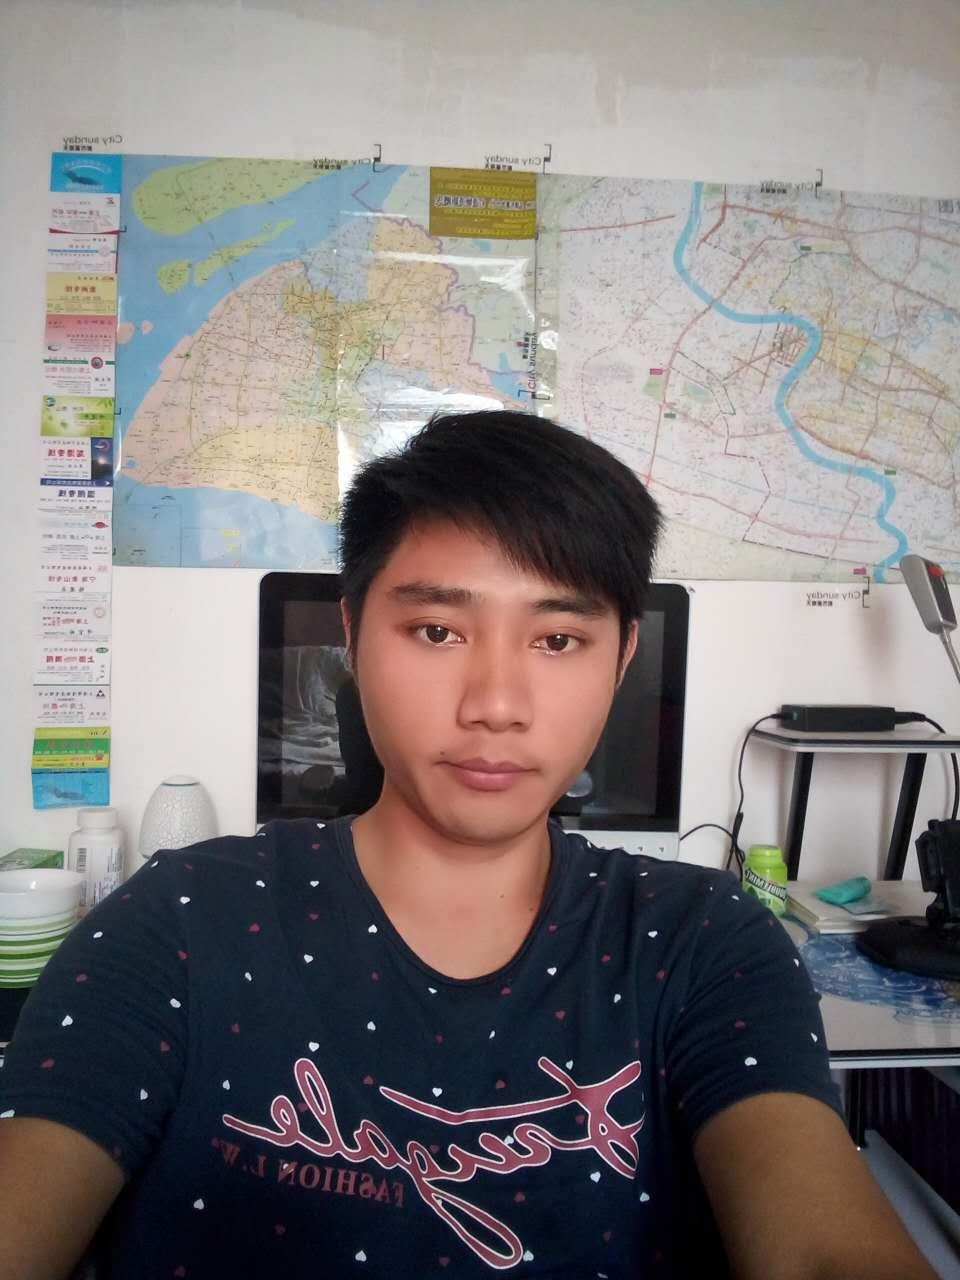 上海到郑州物流专线(上海小雄货运中心)